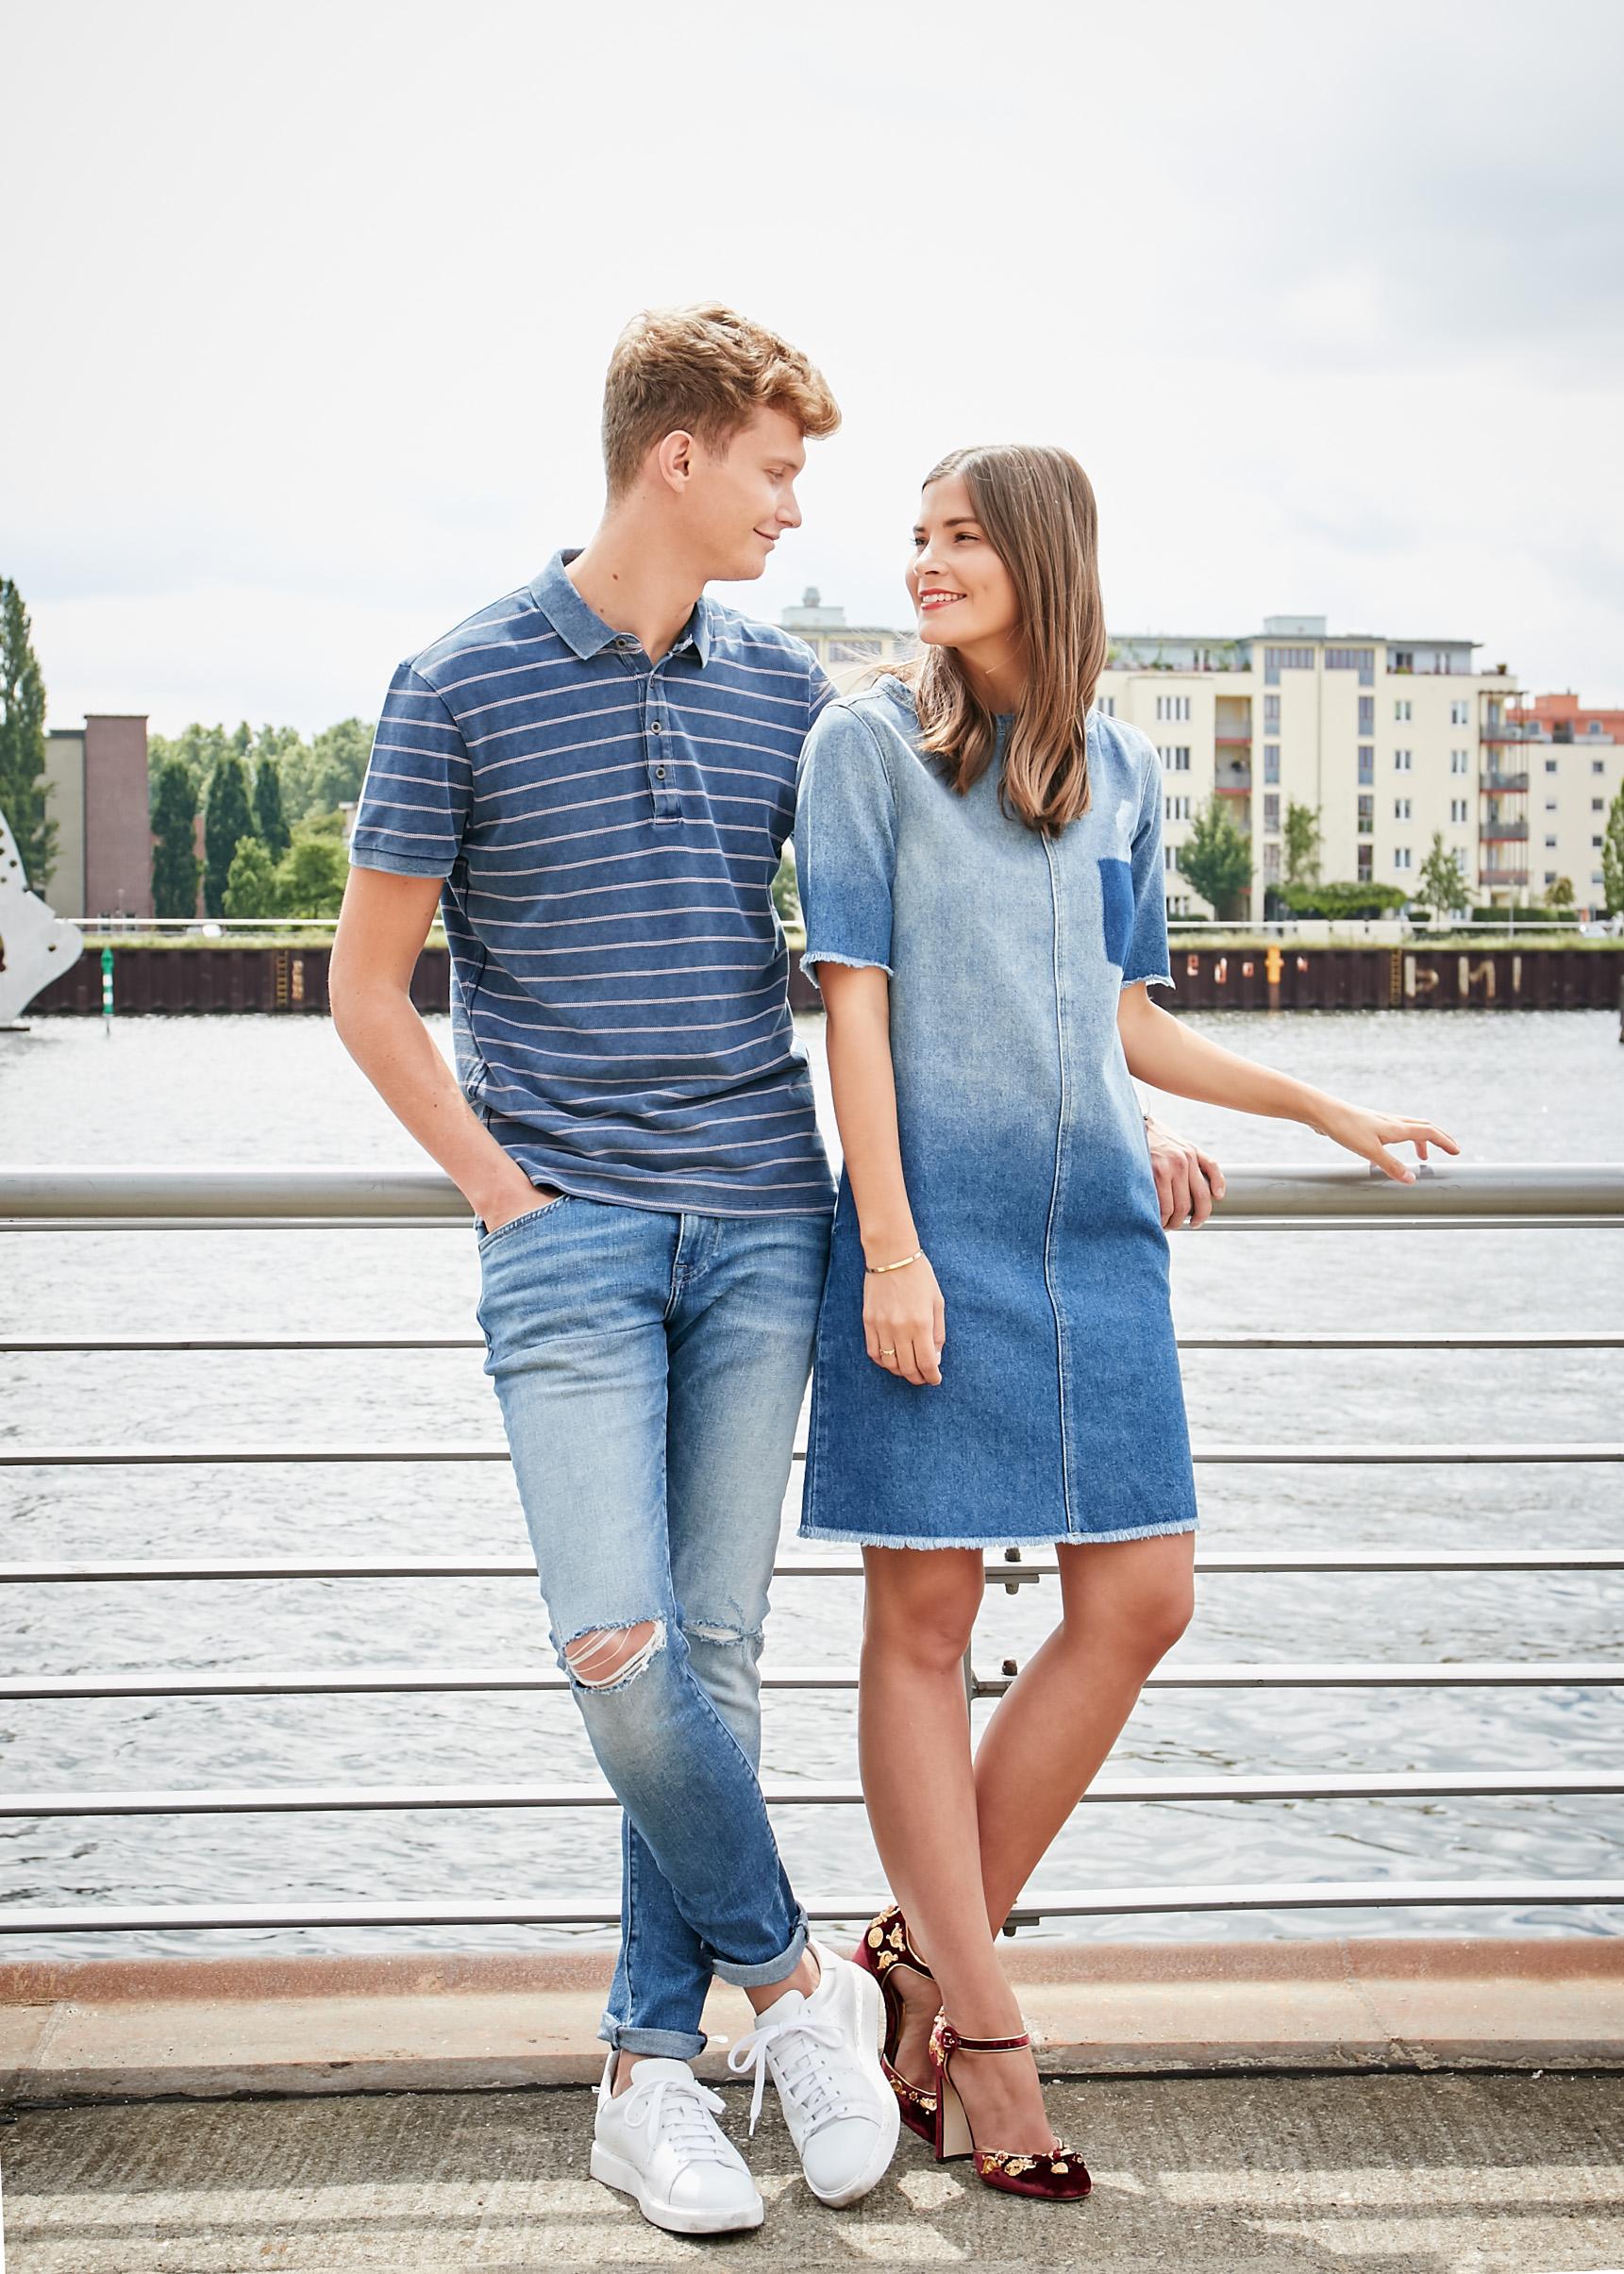 Mavi mit Fashiioncarpet und Patkahlo im süßen Jeanskleid, Poloshirt und enger Jeans